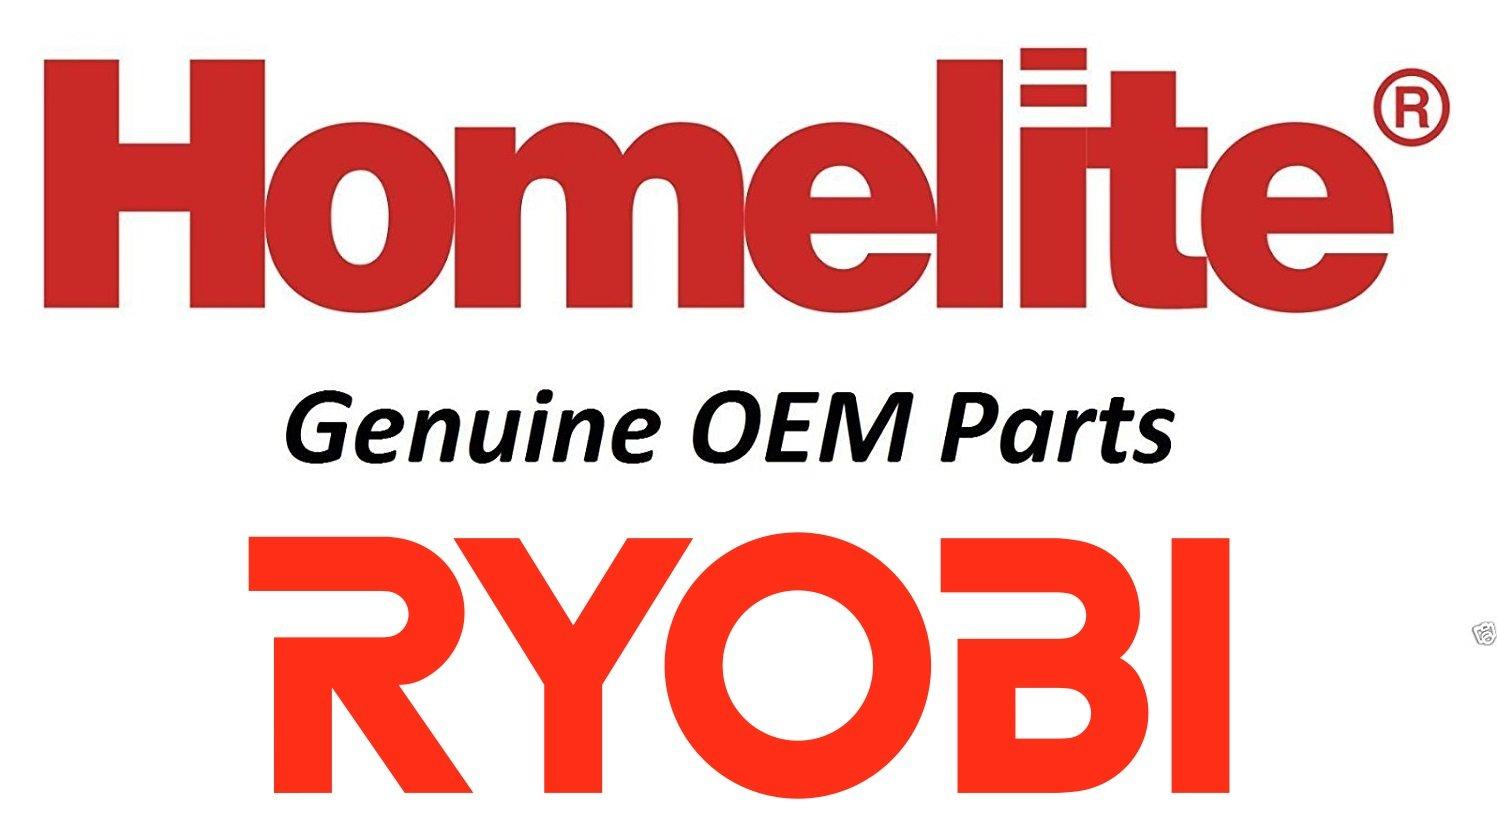 Homelite Ryobi 17151-z440110 – 0000純正エレメントエアークリーナーReplaces 099980425101 Replaces 099980425101も使用さon Ridgid troy-biltエコーPowerstr B07DCZVJJN